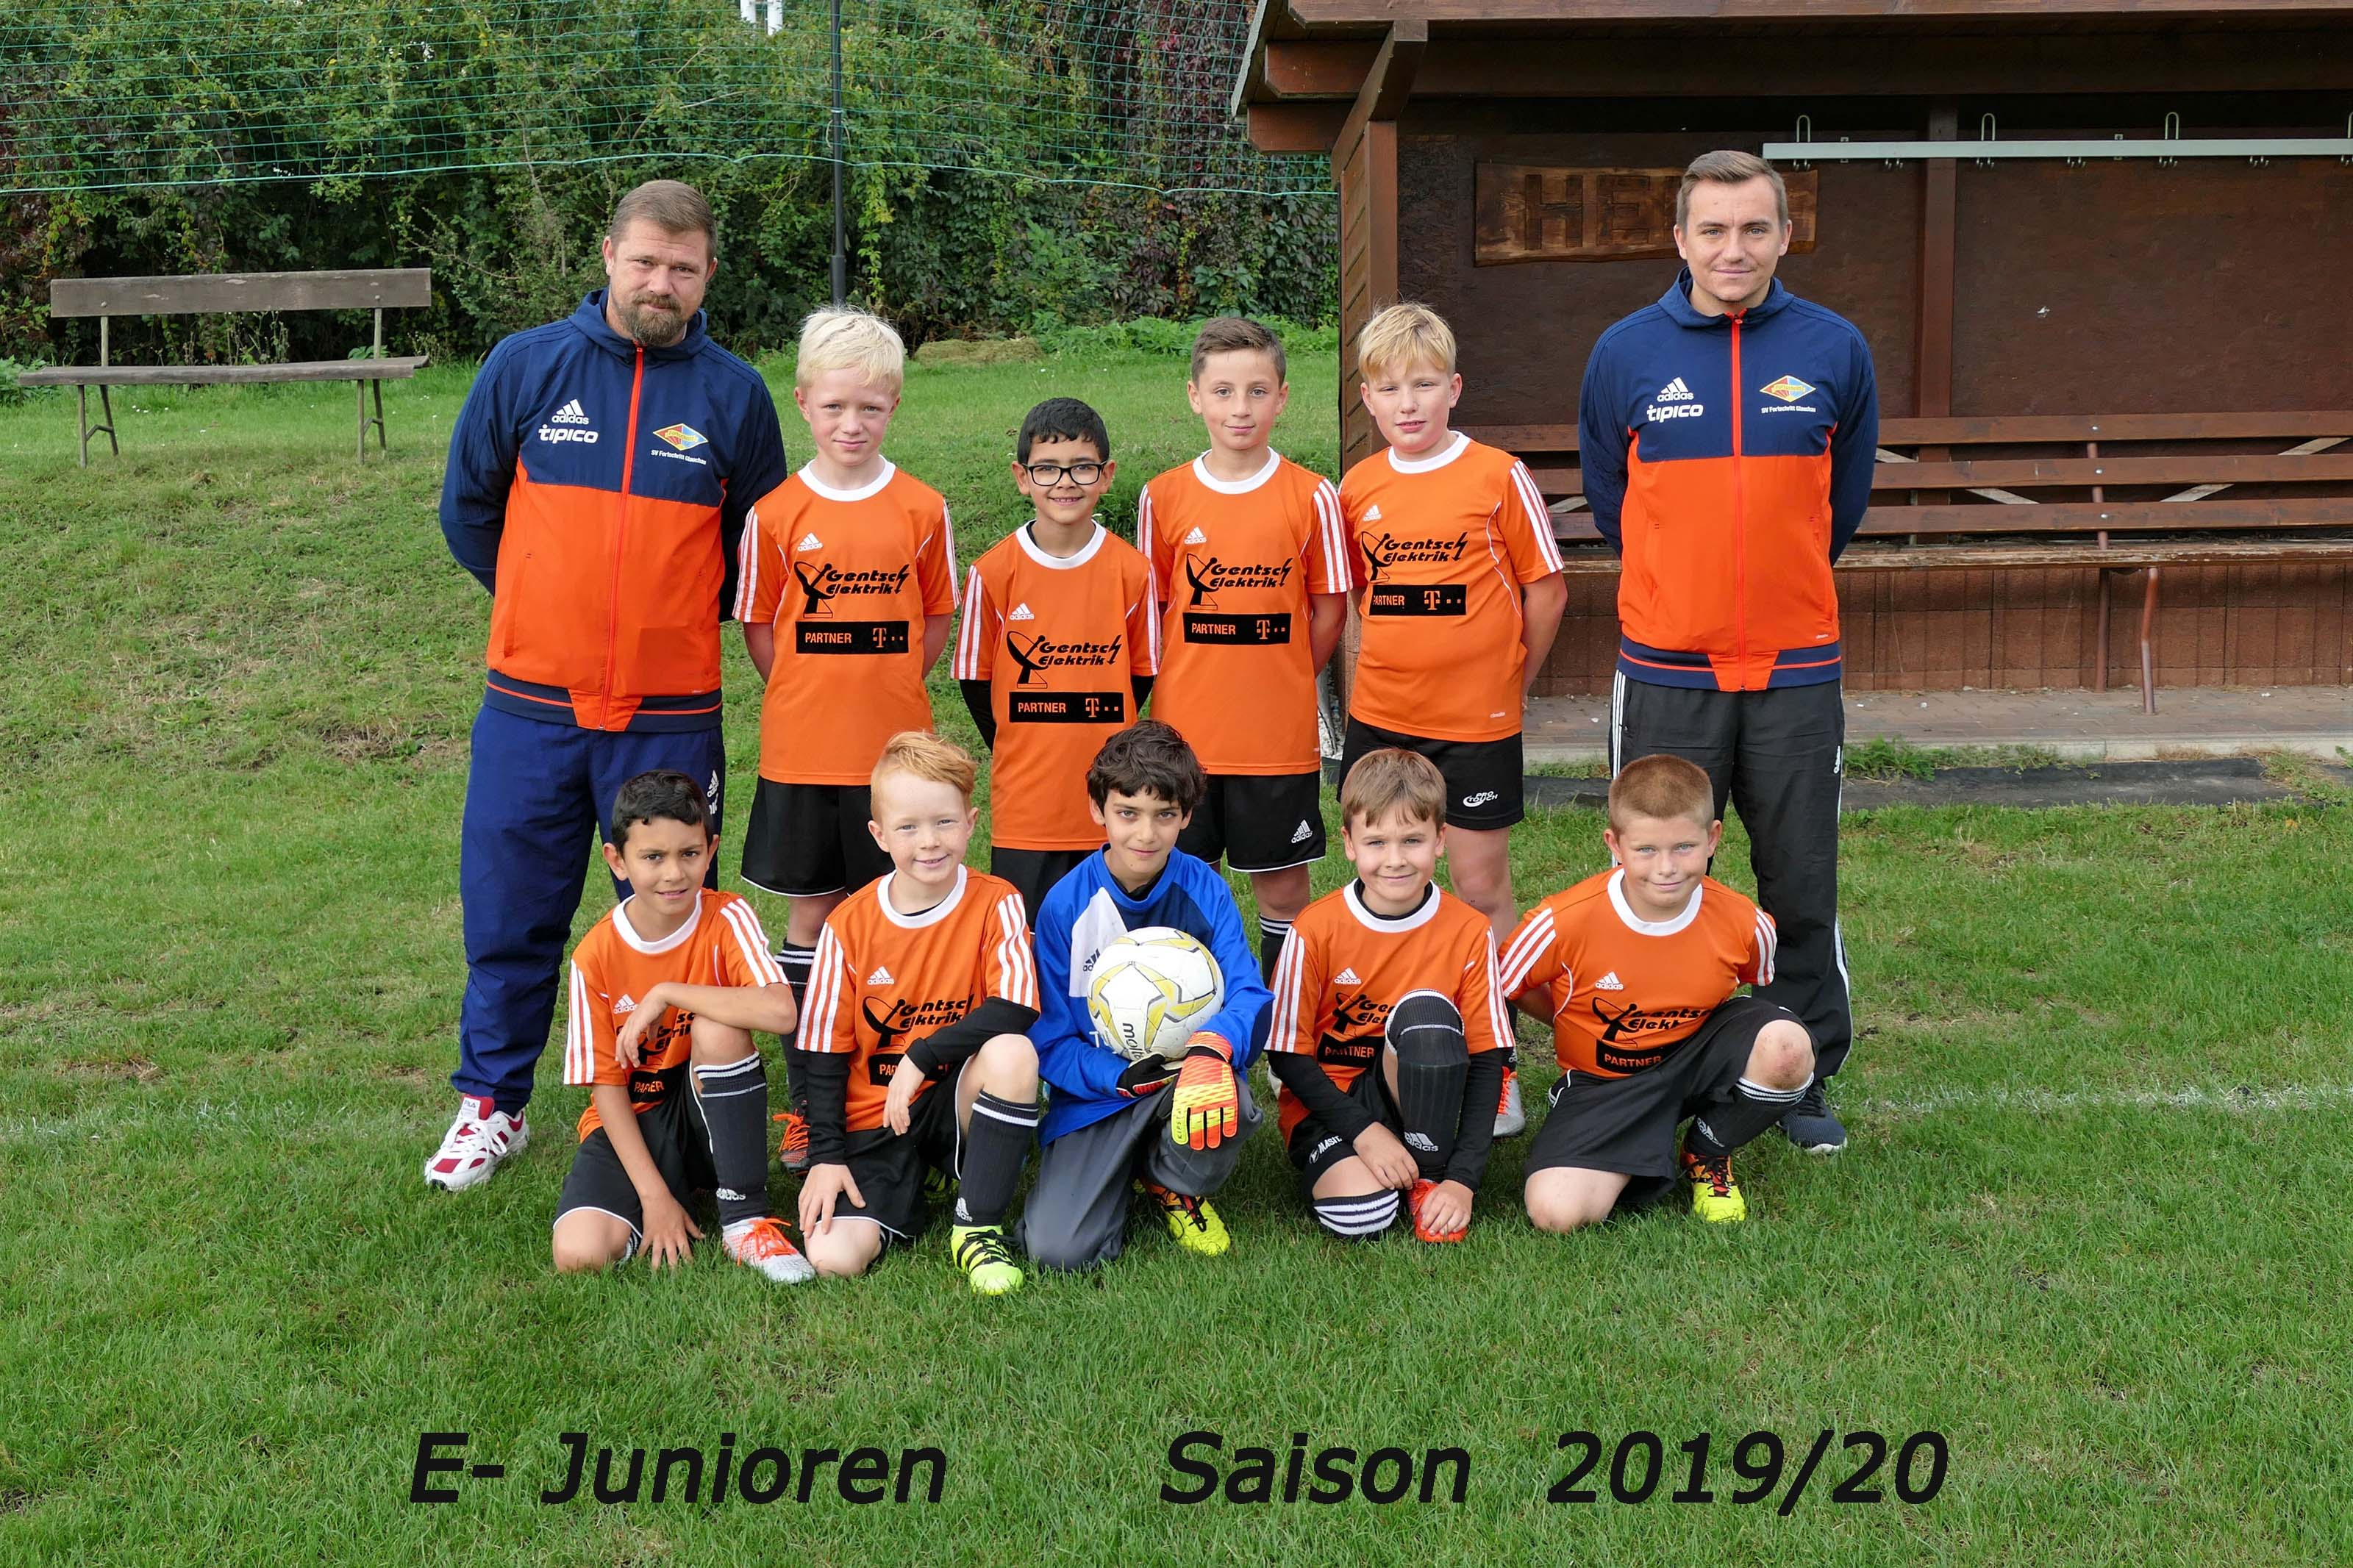 E- Junioren 2019-20